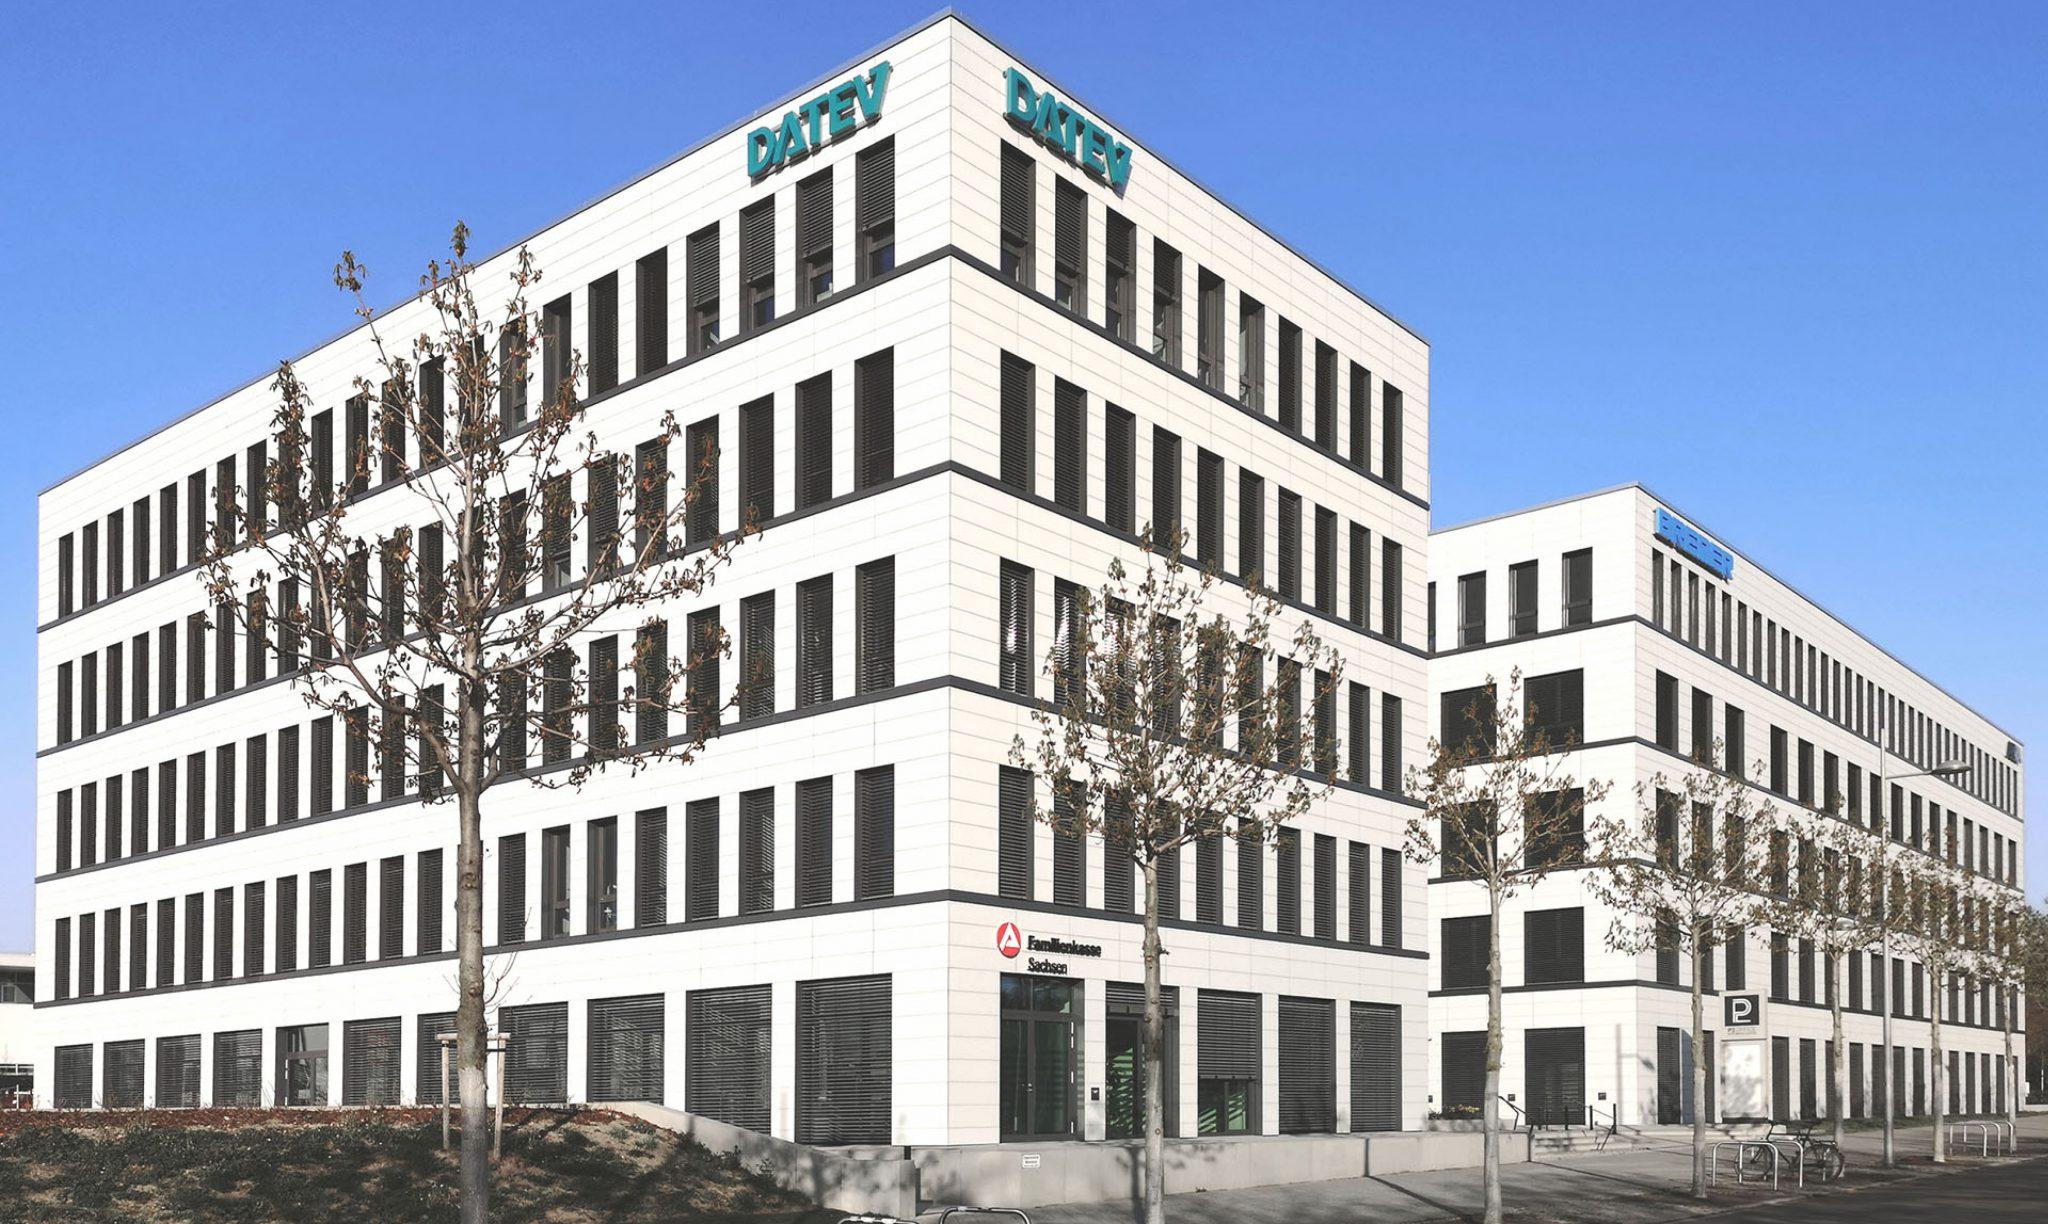 Tag der Architektur 2021 – Leipzig | 26.06.2021